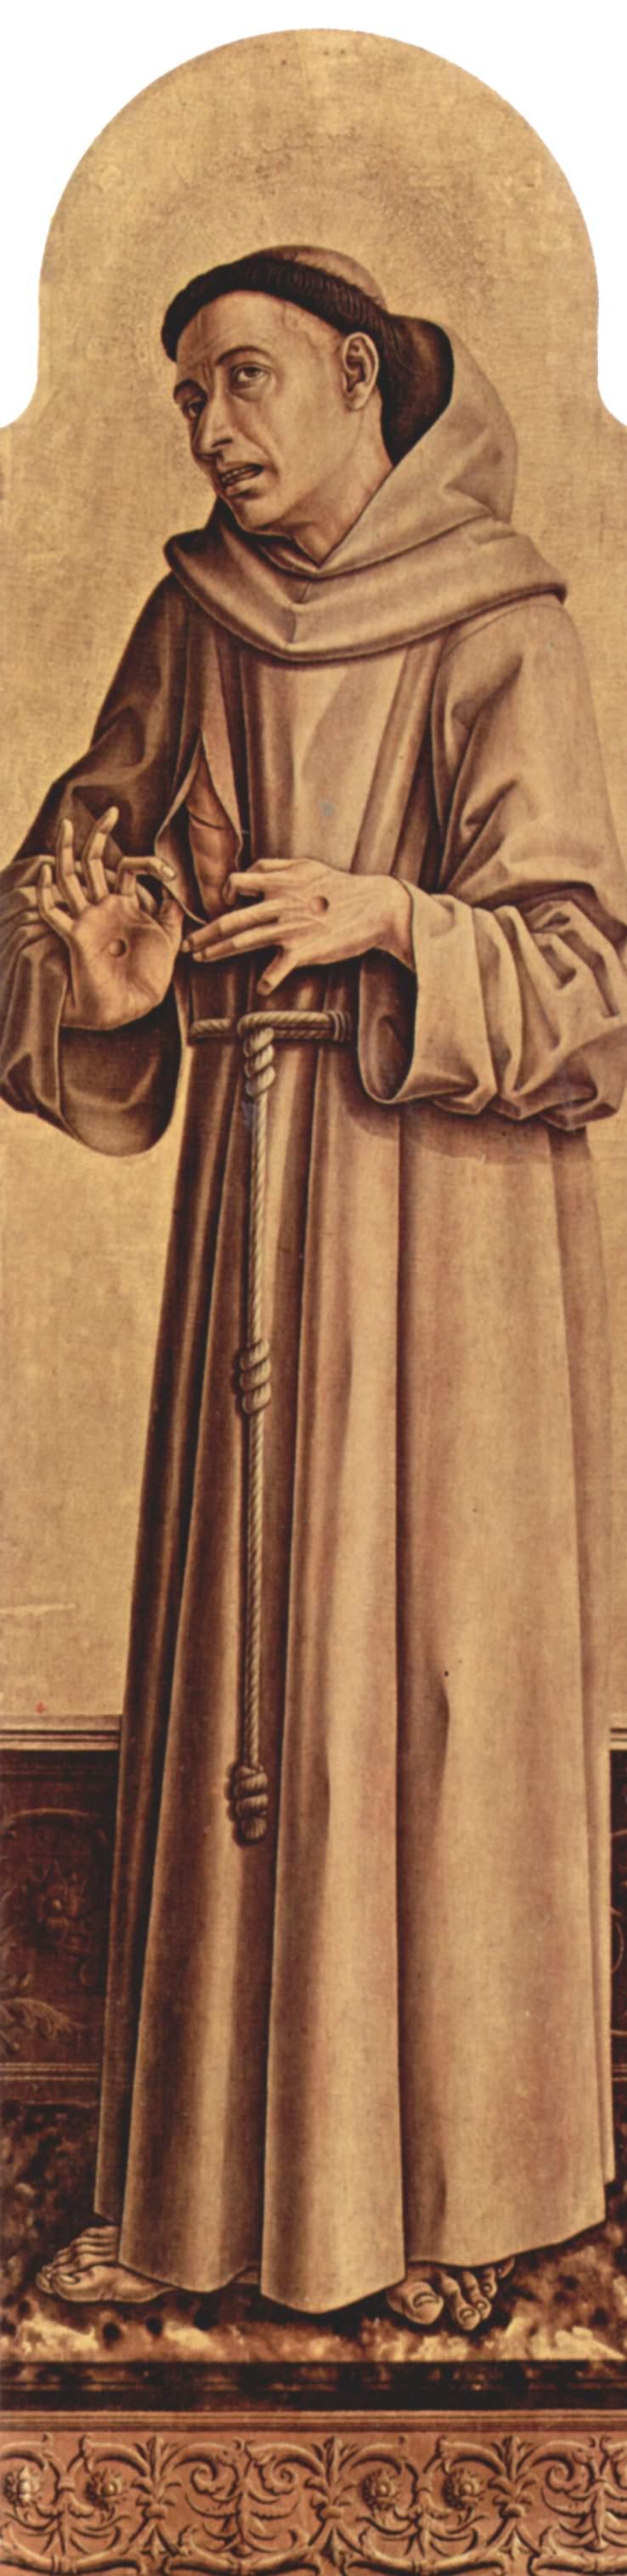 Алтарный полиптих церкви Сан Франческо в Монтефиоре дель Азо, правая внутренняя доска  св. Франциск, Карло Кривелли